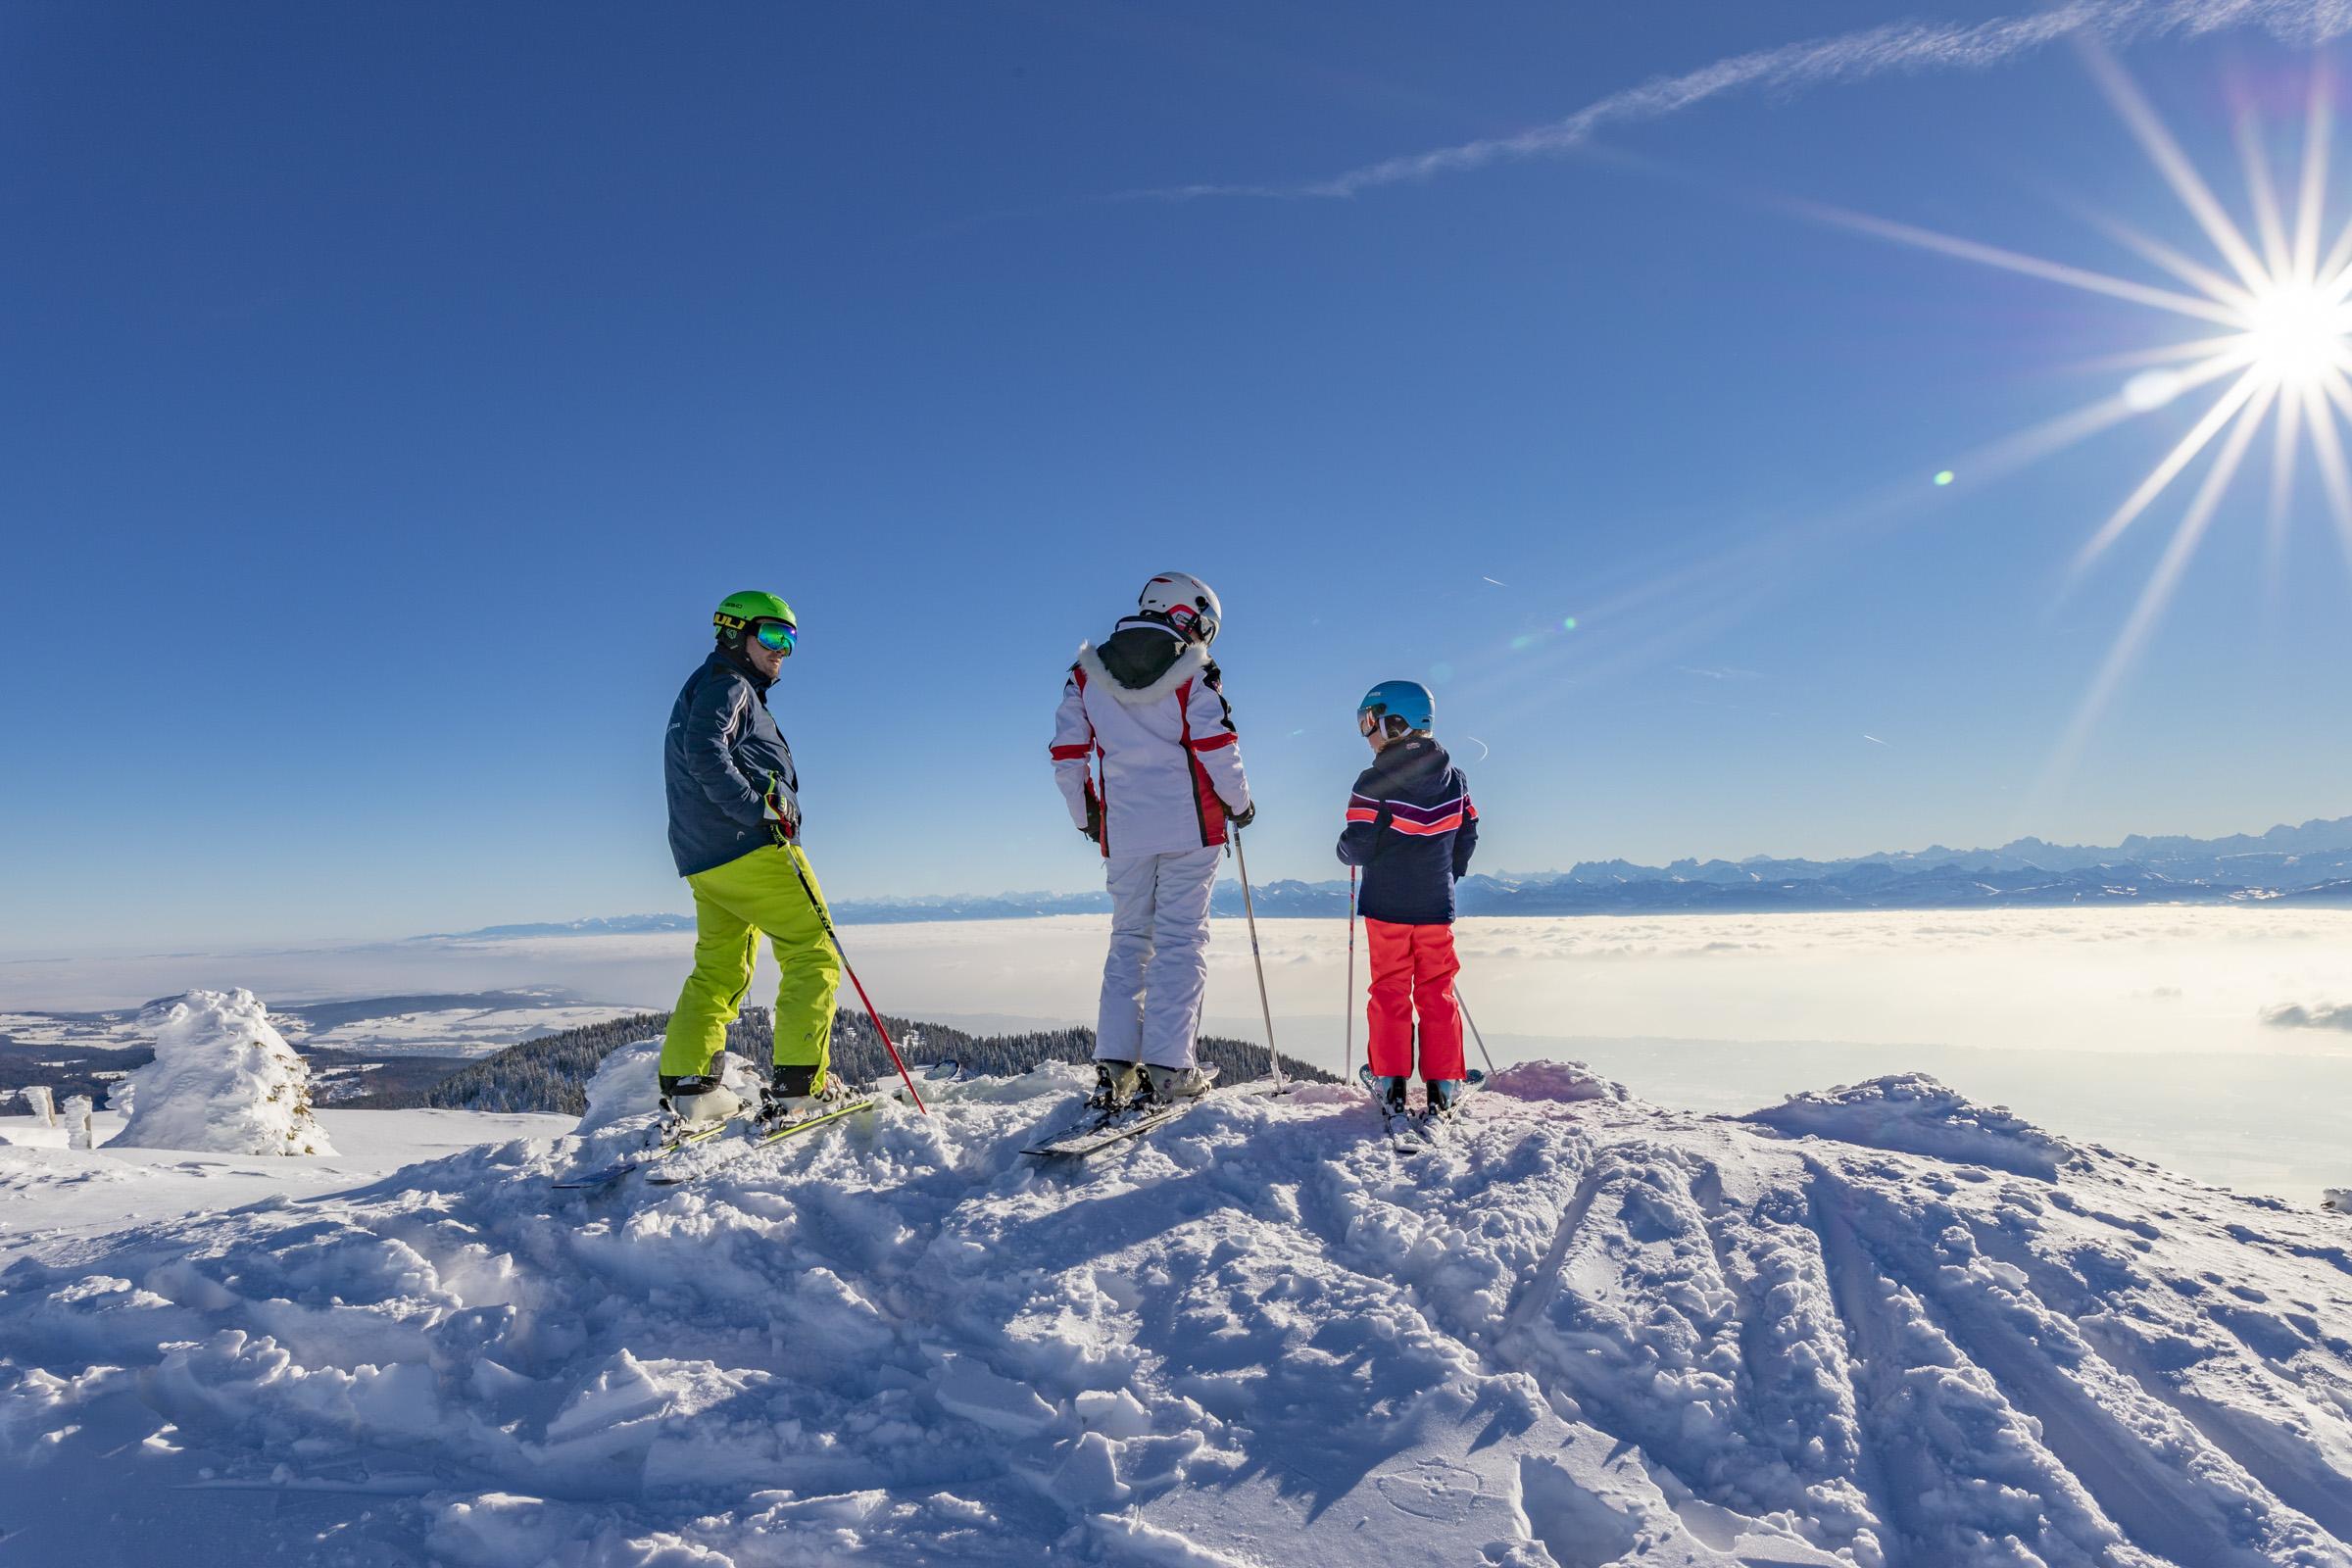 Ski - Station des Rousses -Jura - Hiver - Groupe - Alpin - Nordique